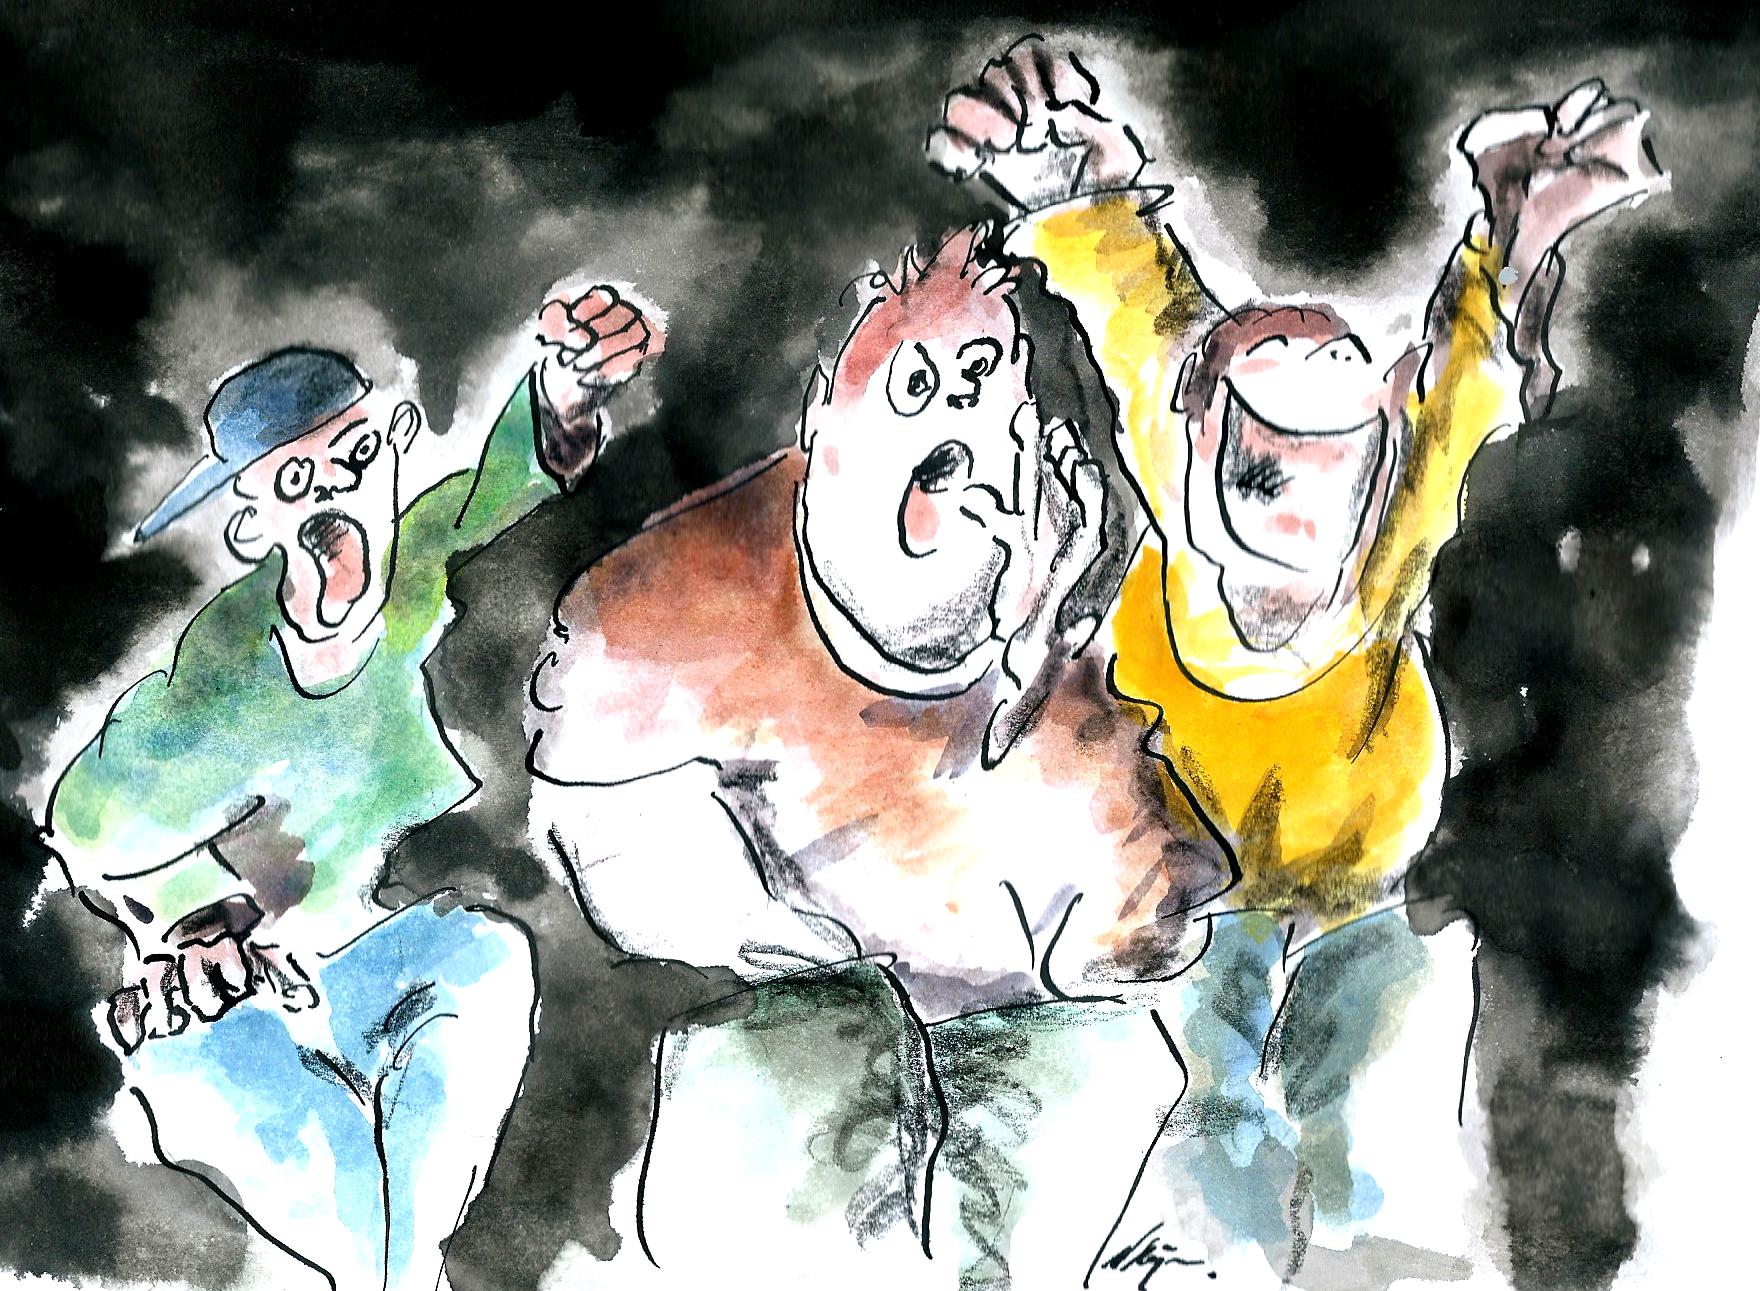 Tekening van drie supporters